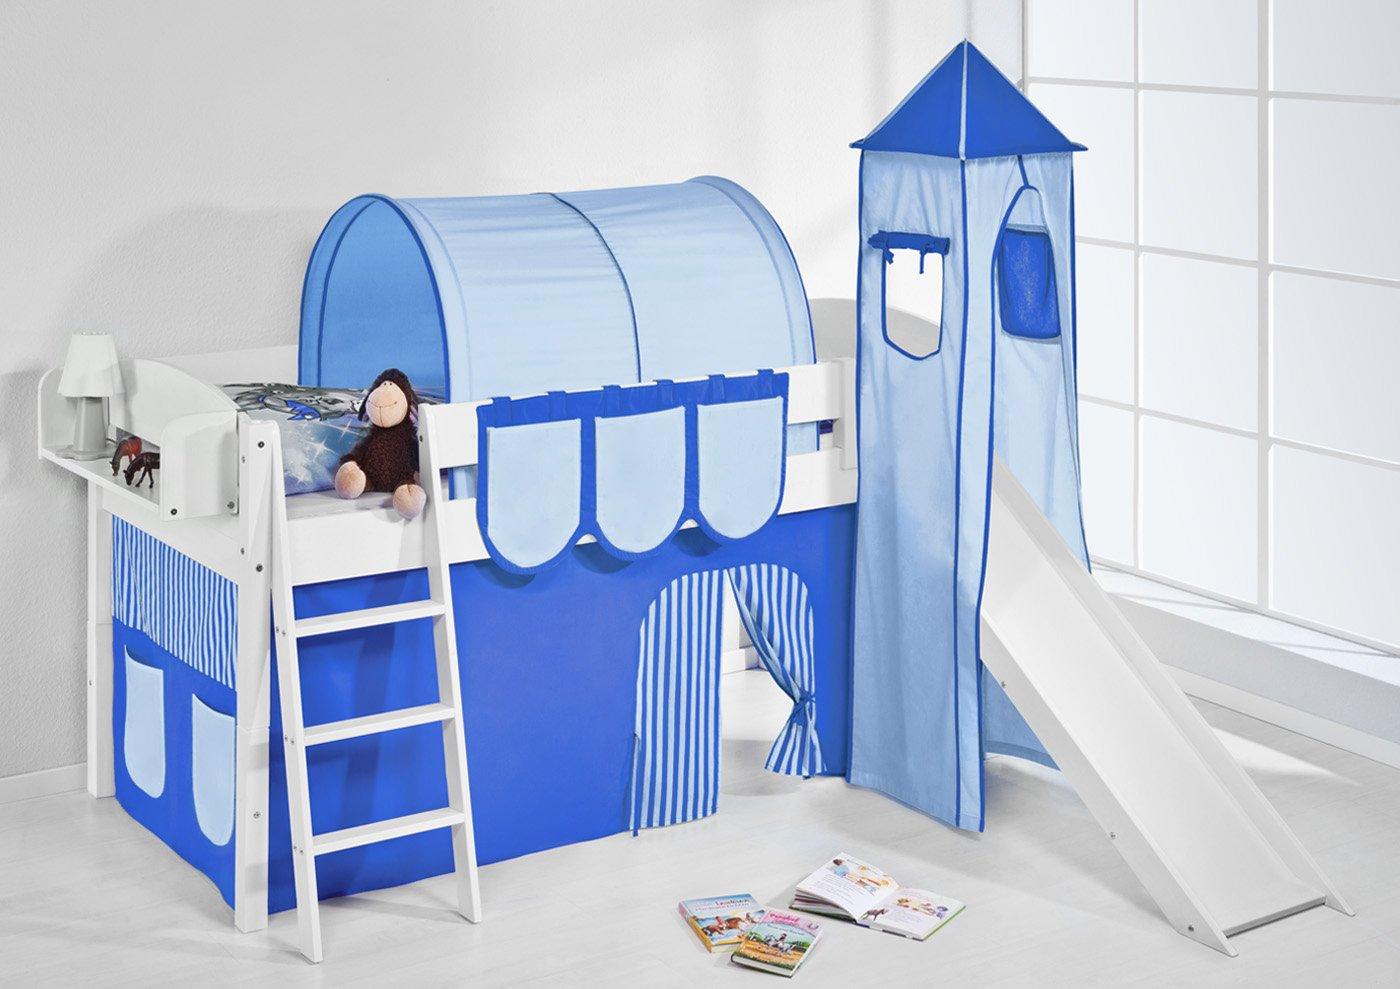 Spielbett IDA 4105 Blau Lilokids Teilbares Systemhochbett LILOKIDS weiß mit Turm Rutsche und Vorhang blau Weiß kiefer online kaufen